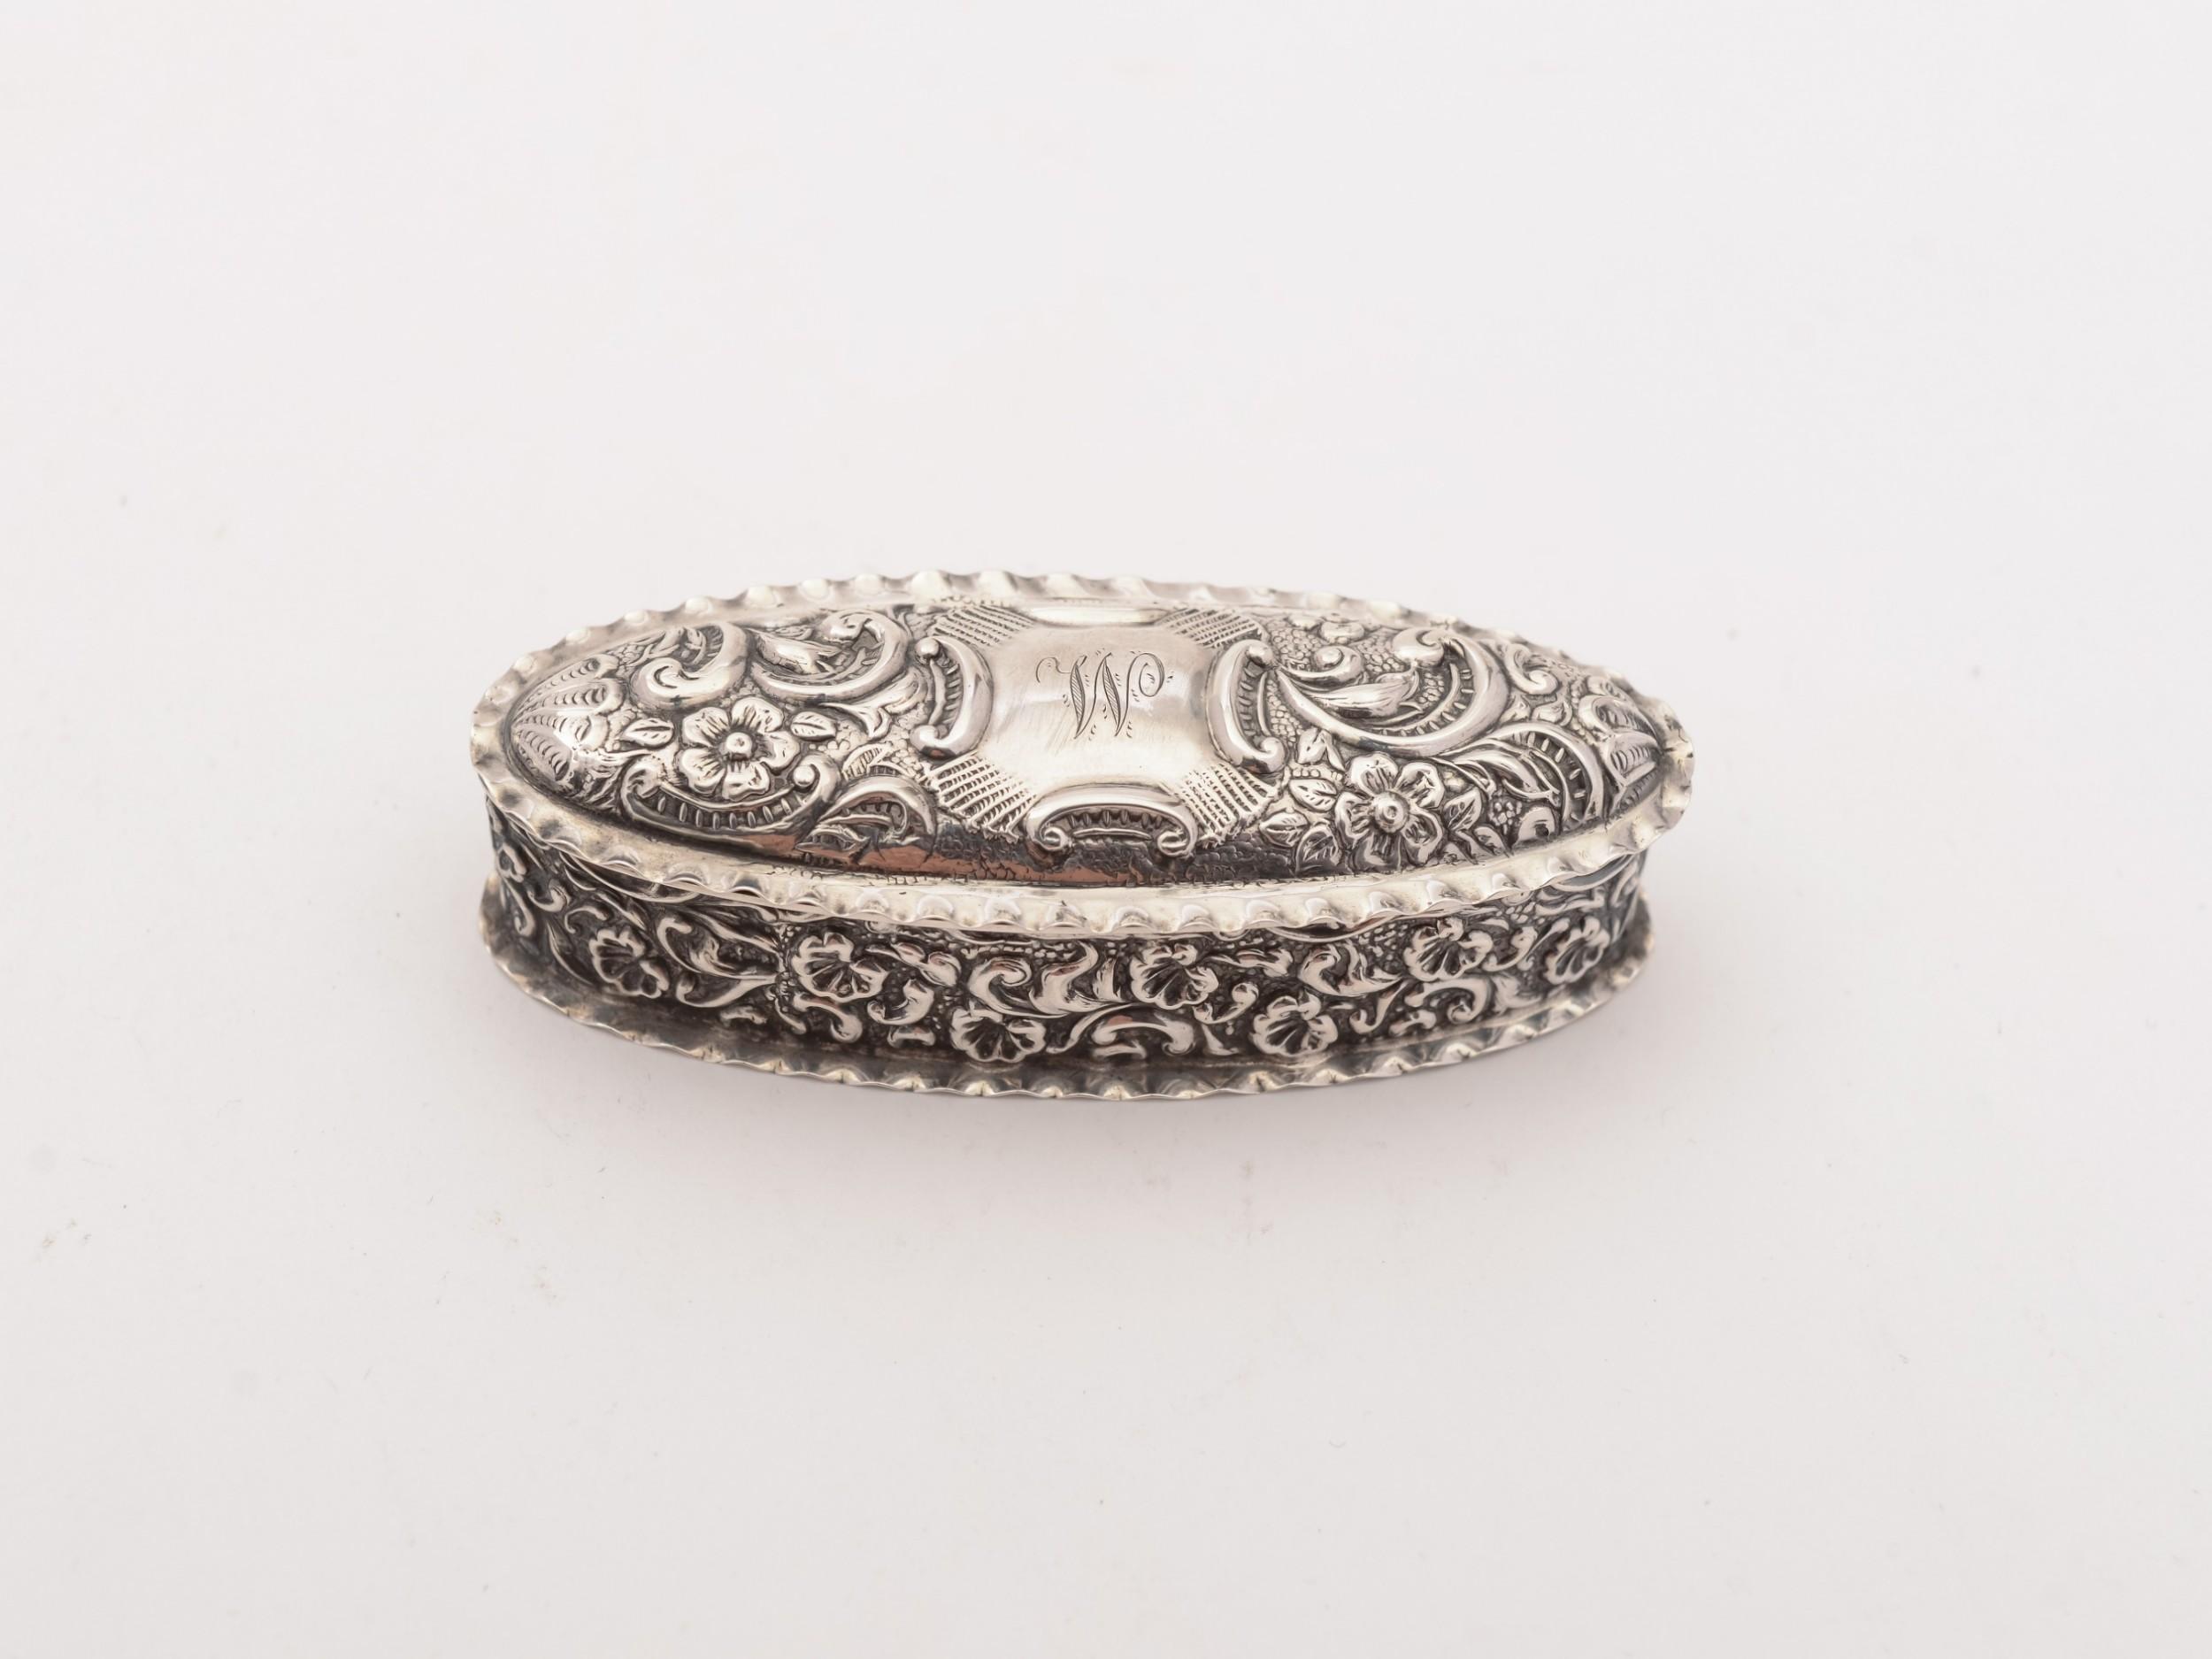 edwardian silver snuff box birmingham 1903